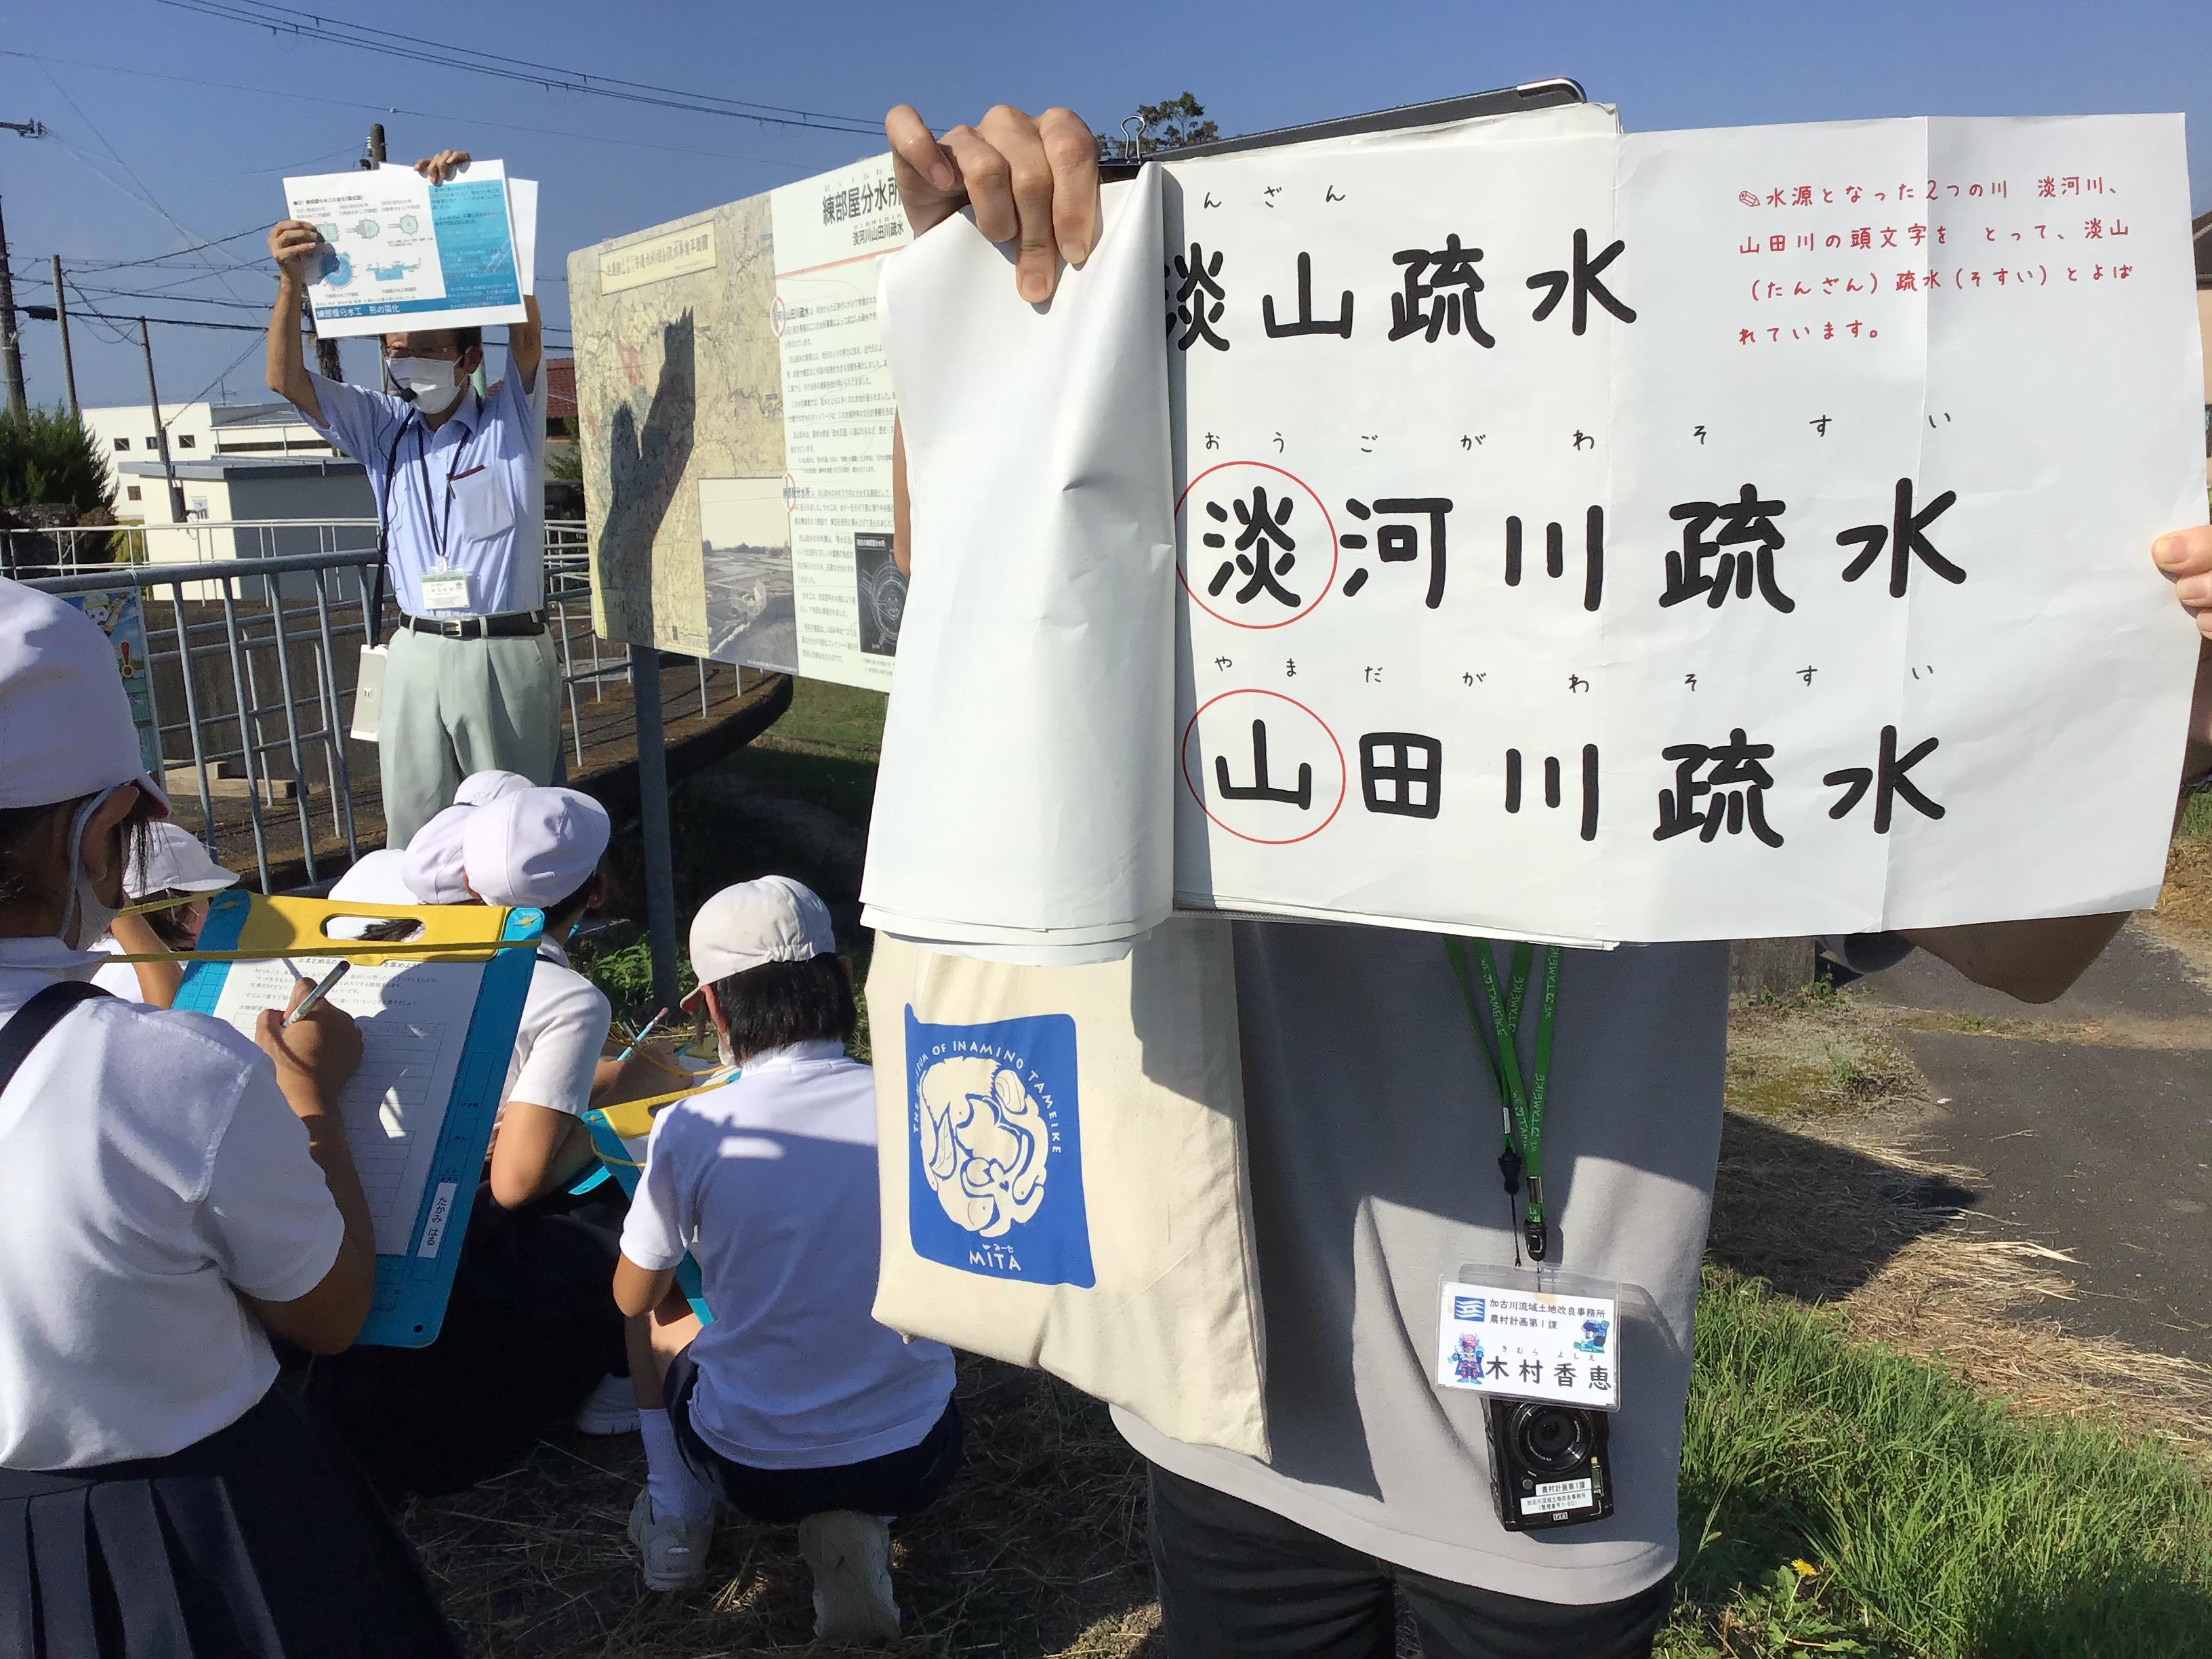 二つの疏水の頭文字を取って淡山疏水なんだね。 これも解り易いですよ。加古川流域土地改良事務所の木村さん。